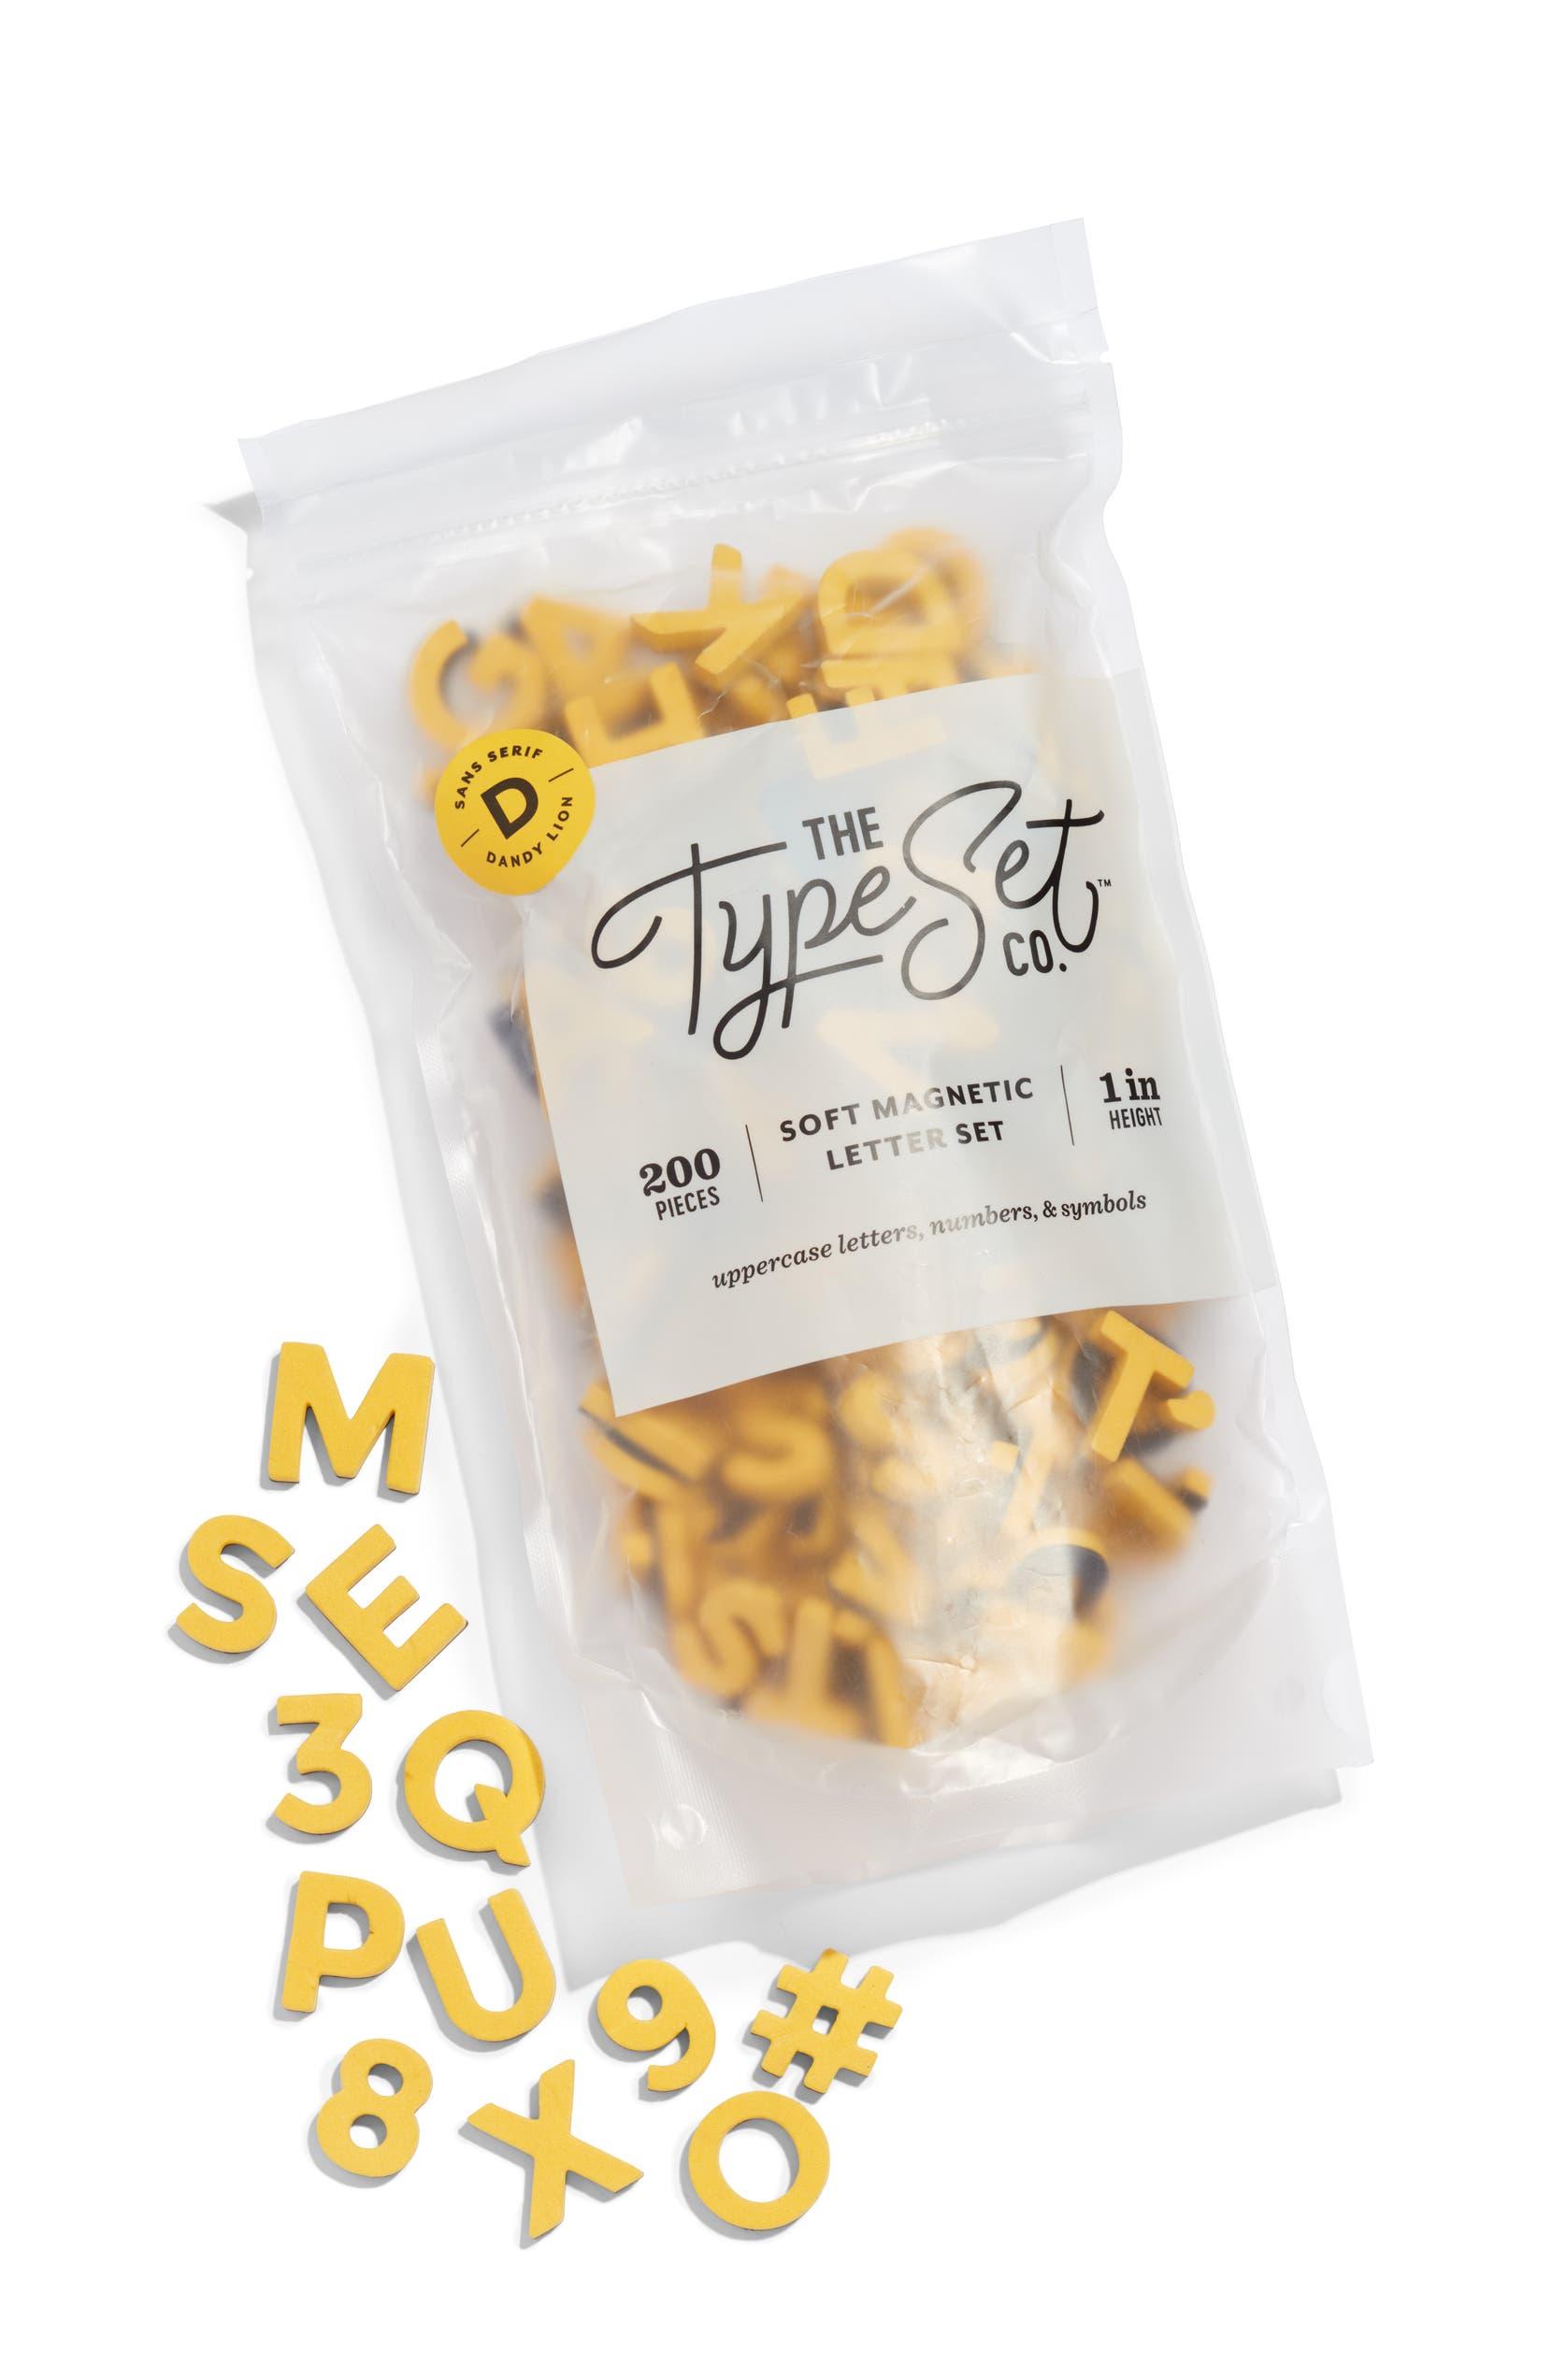 Sans Serif Soft Magnetic Letters